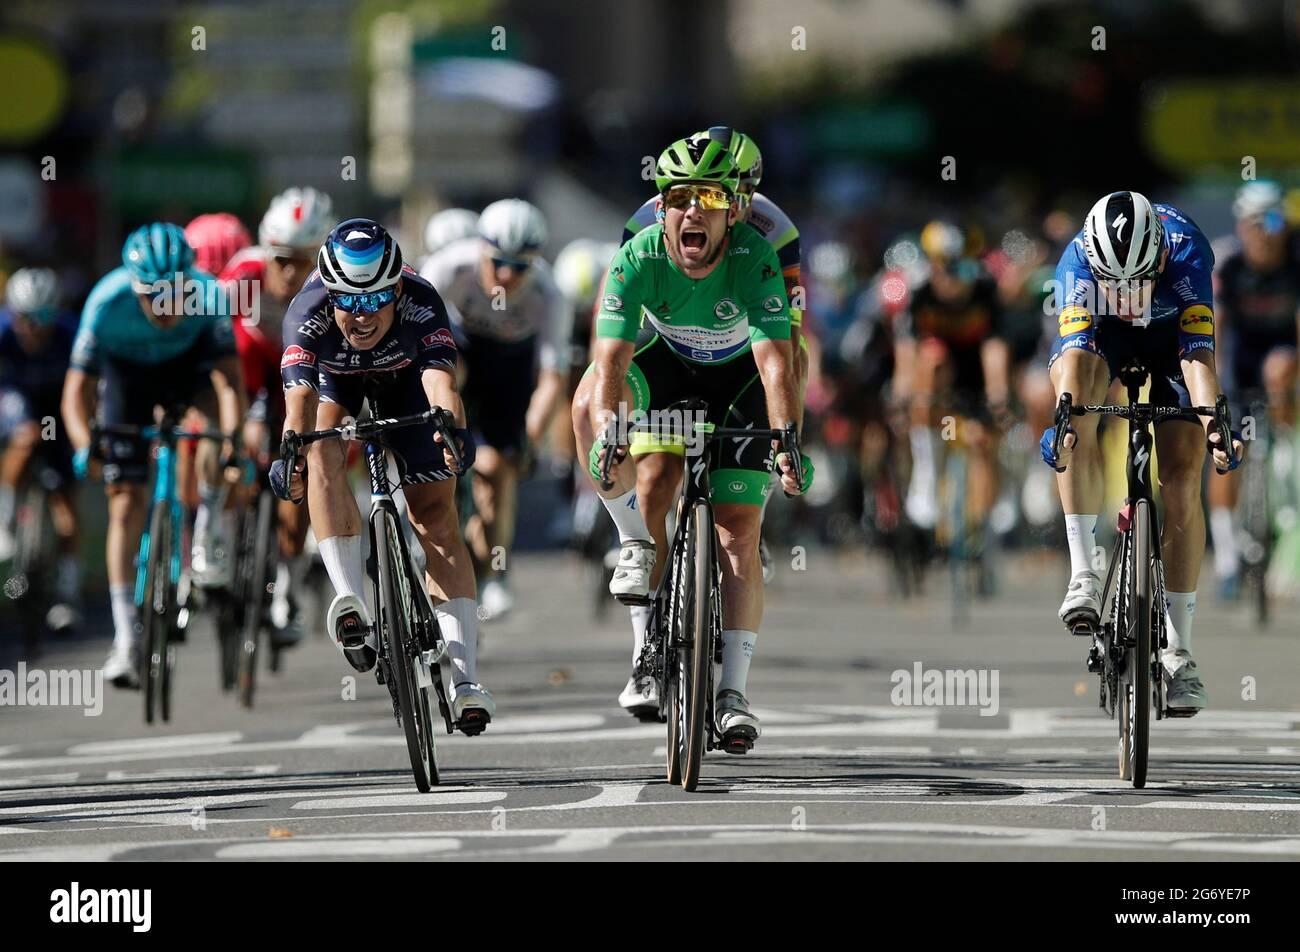 Radsport - Tour de France - Etappe 13 - Nimes nach Carcassonne - Frankreich - 9. Juli 2021 Deceuninck-Quick-Step-Fahrer Mark Cavendish aus Großbritannien im grünen Trikot feiert, als er die Linie überquert, um die Etappe 13 ZU gewinnen REUTERS/Benoit Tessier Stockfoto